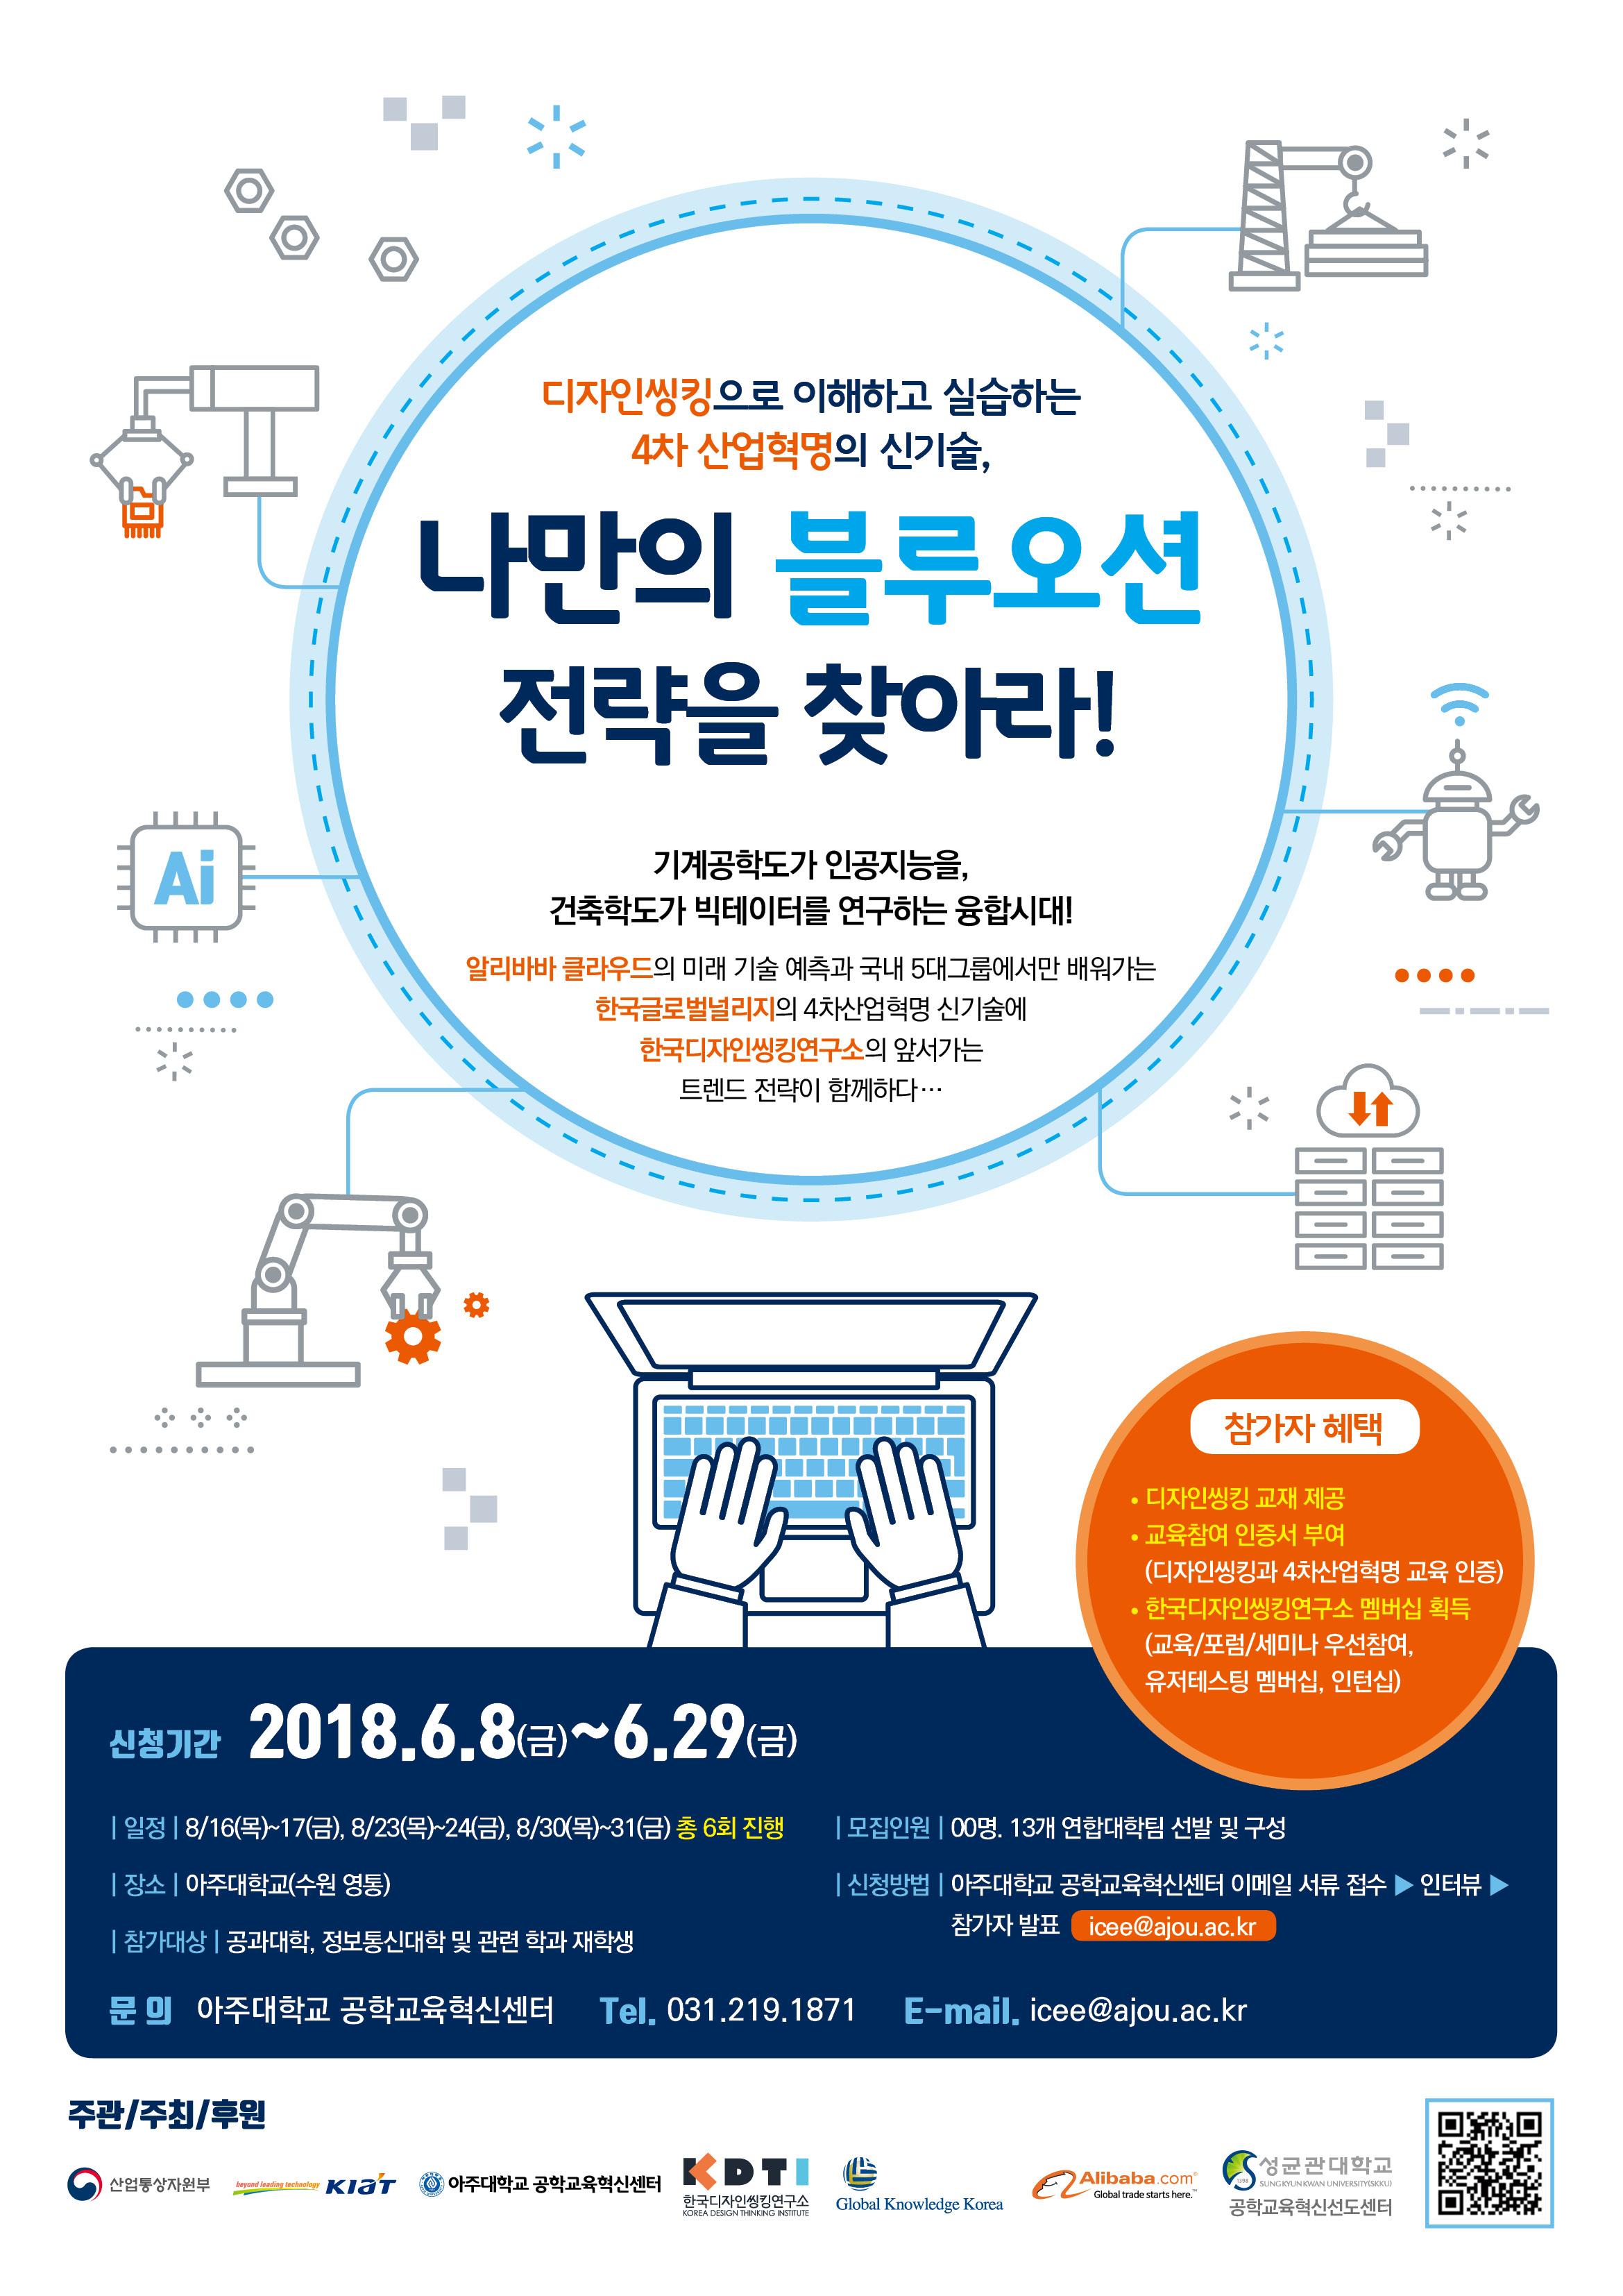 (붙임1)2018 미래 리더 양성과정 안내 포스터.jpg